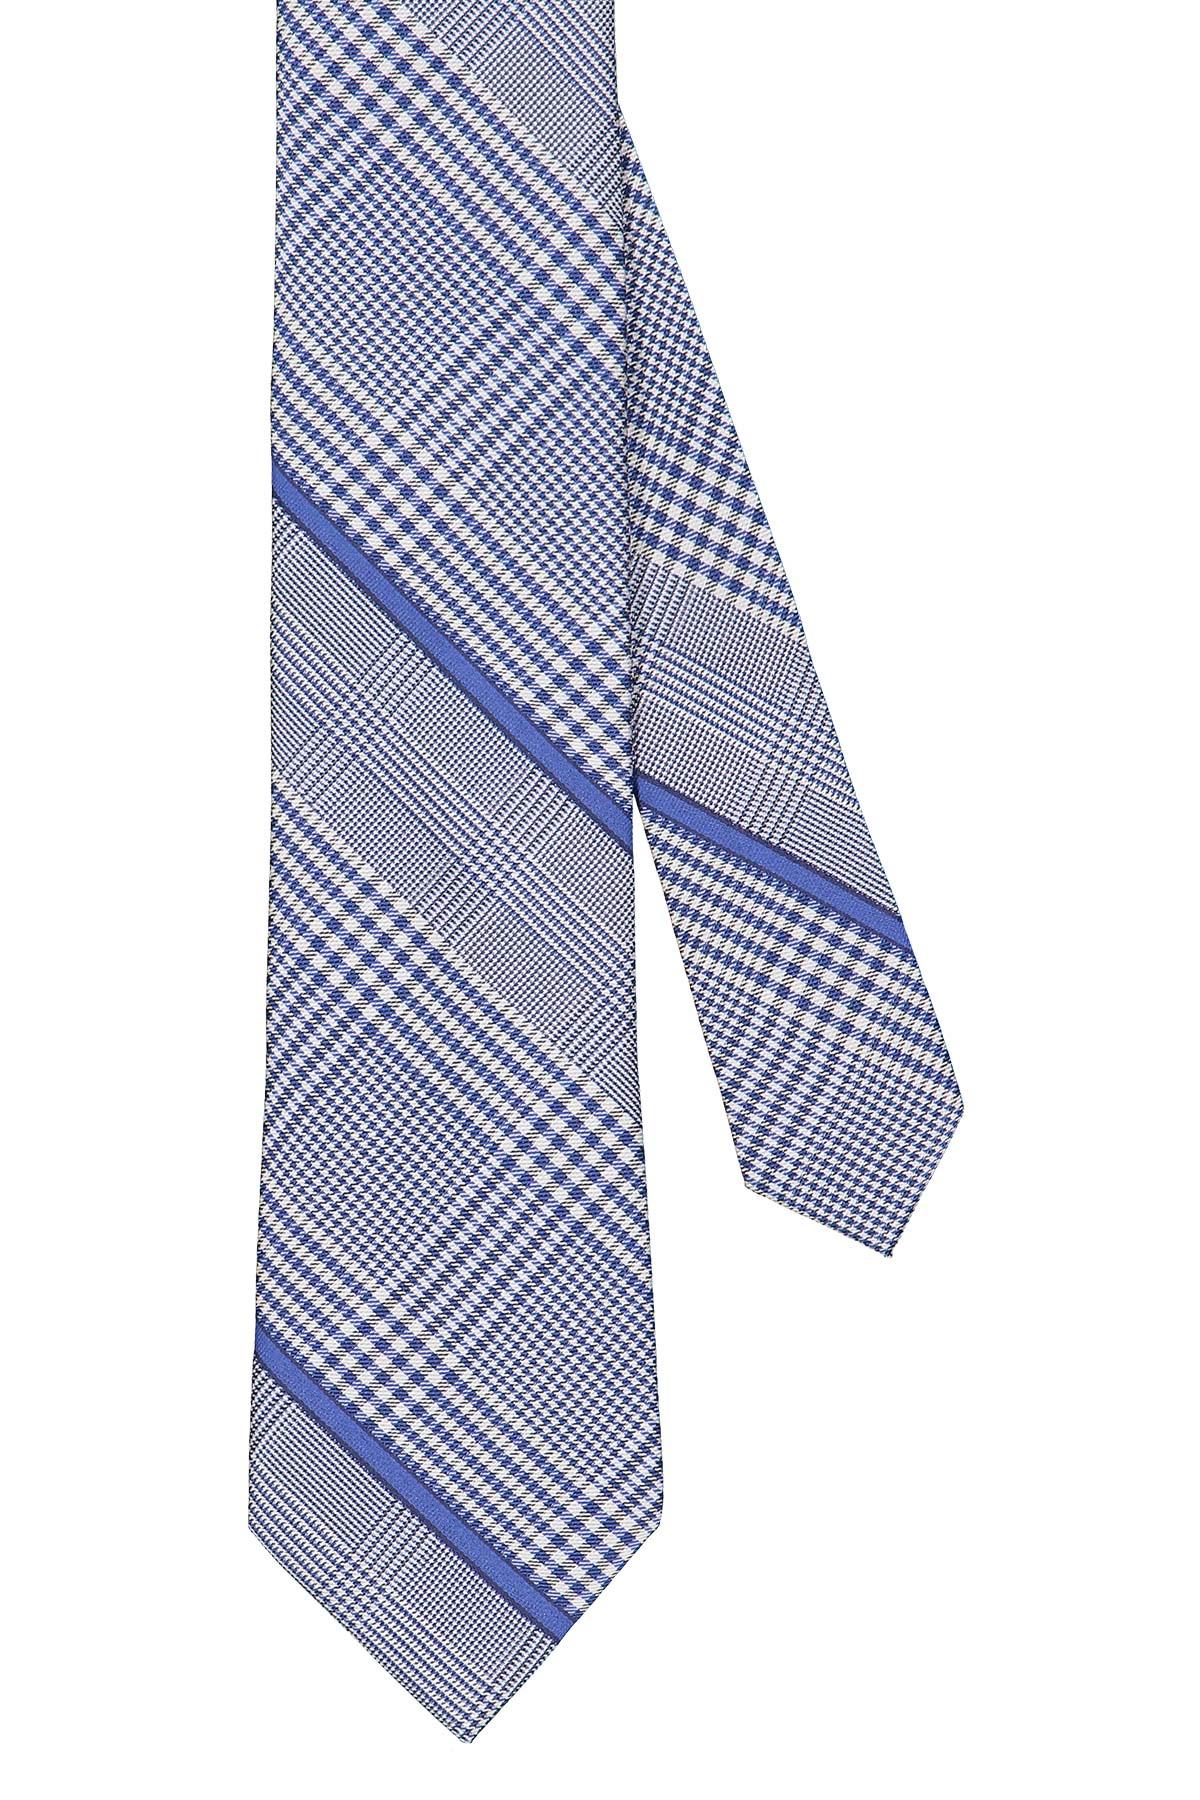 Corbata Calvin Klein, seda y algodón, escoces y cuadros en color azul